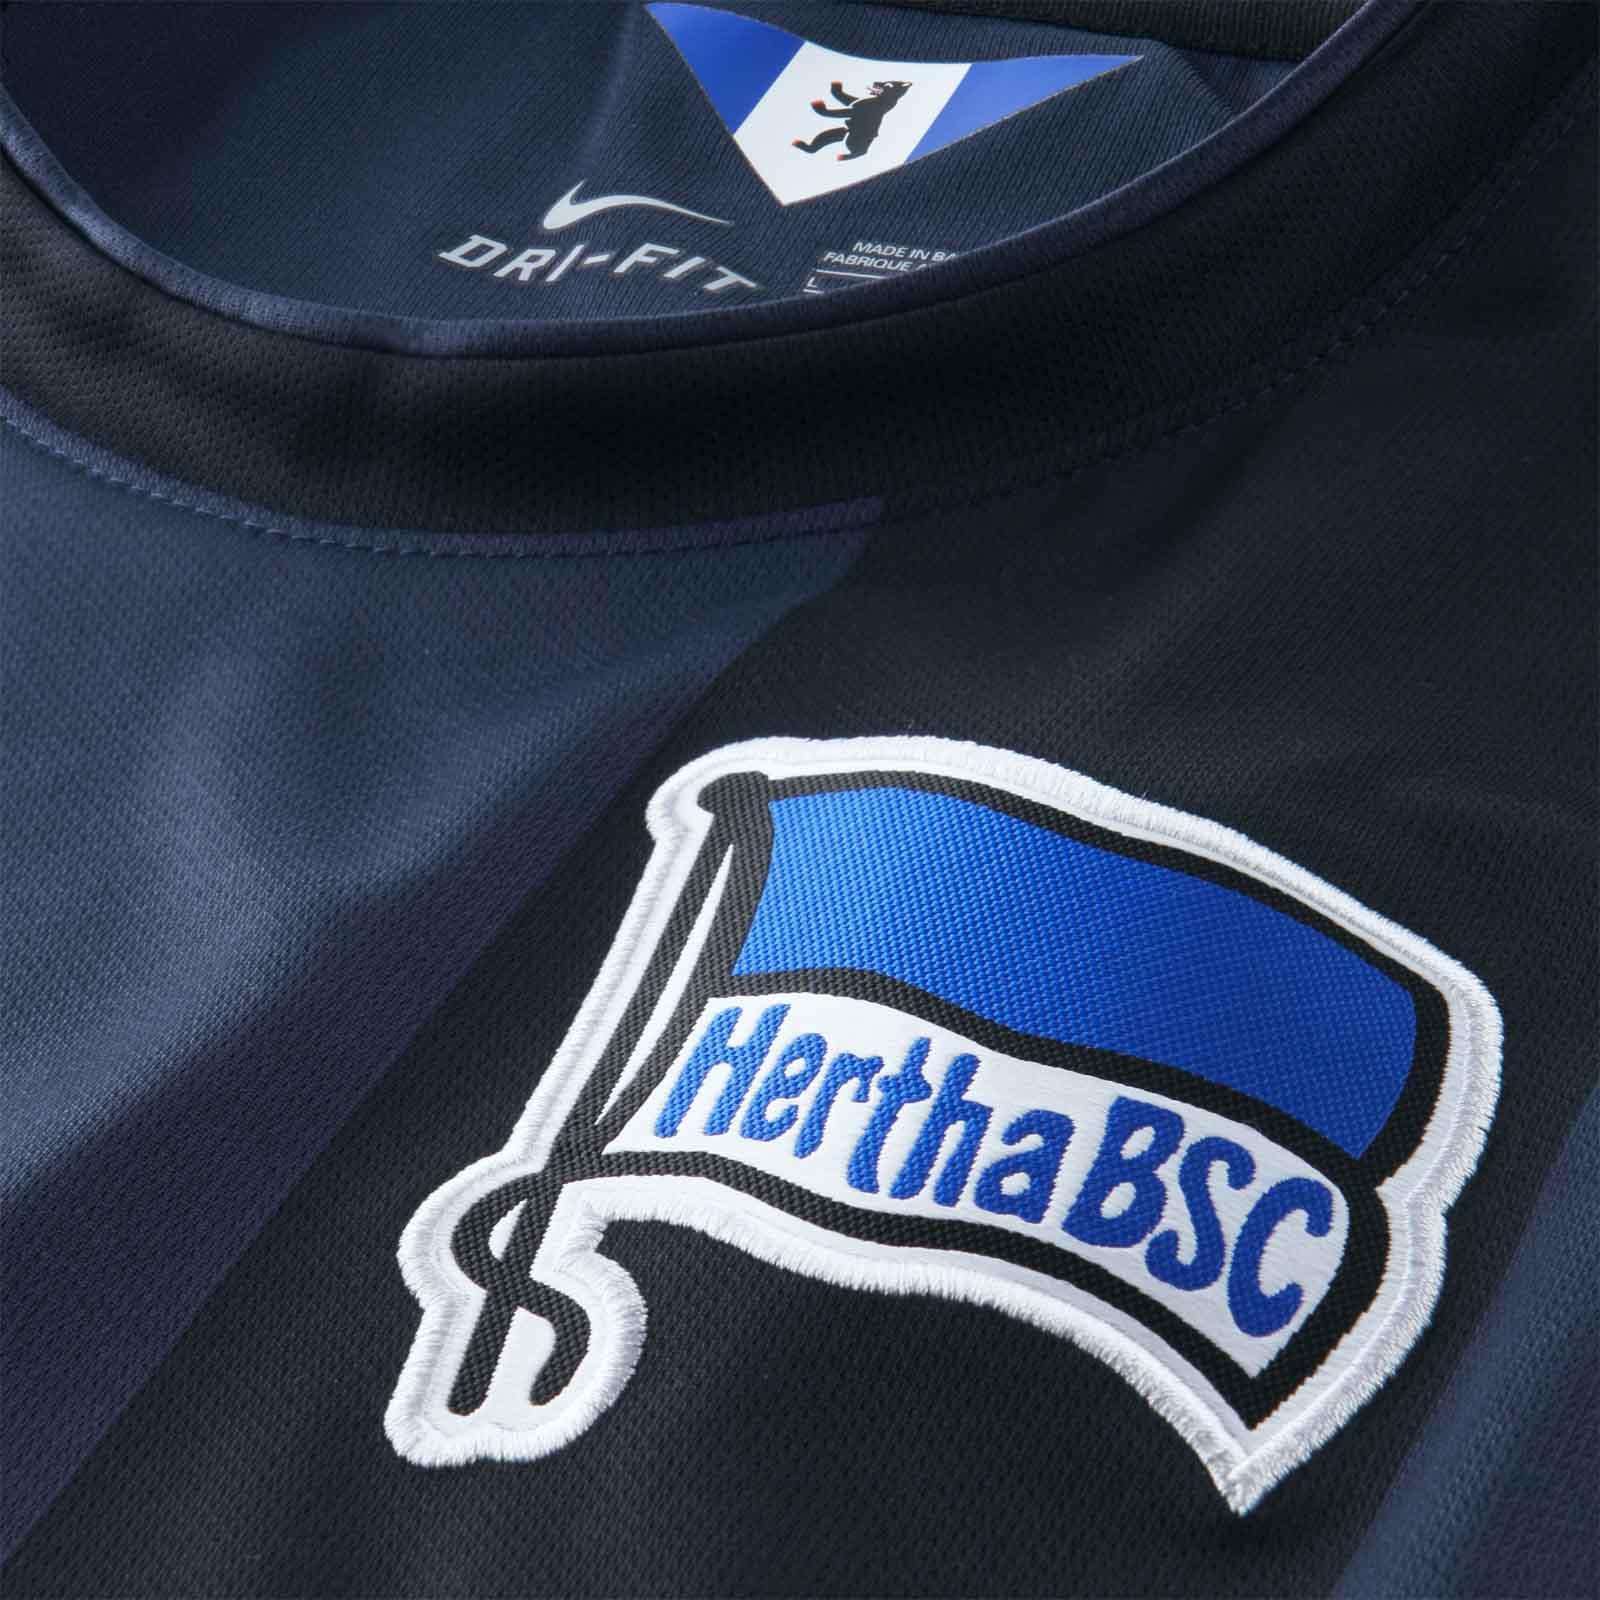 Wie Hat Hertha Bsc Gespielt